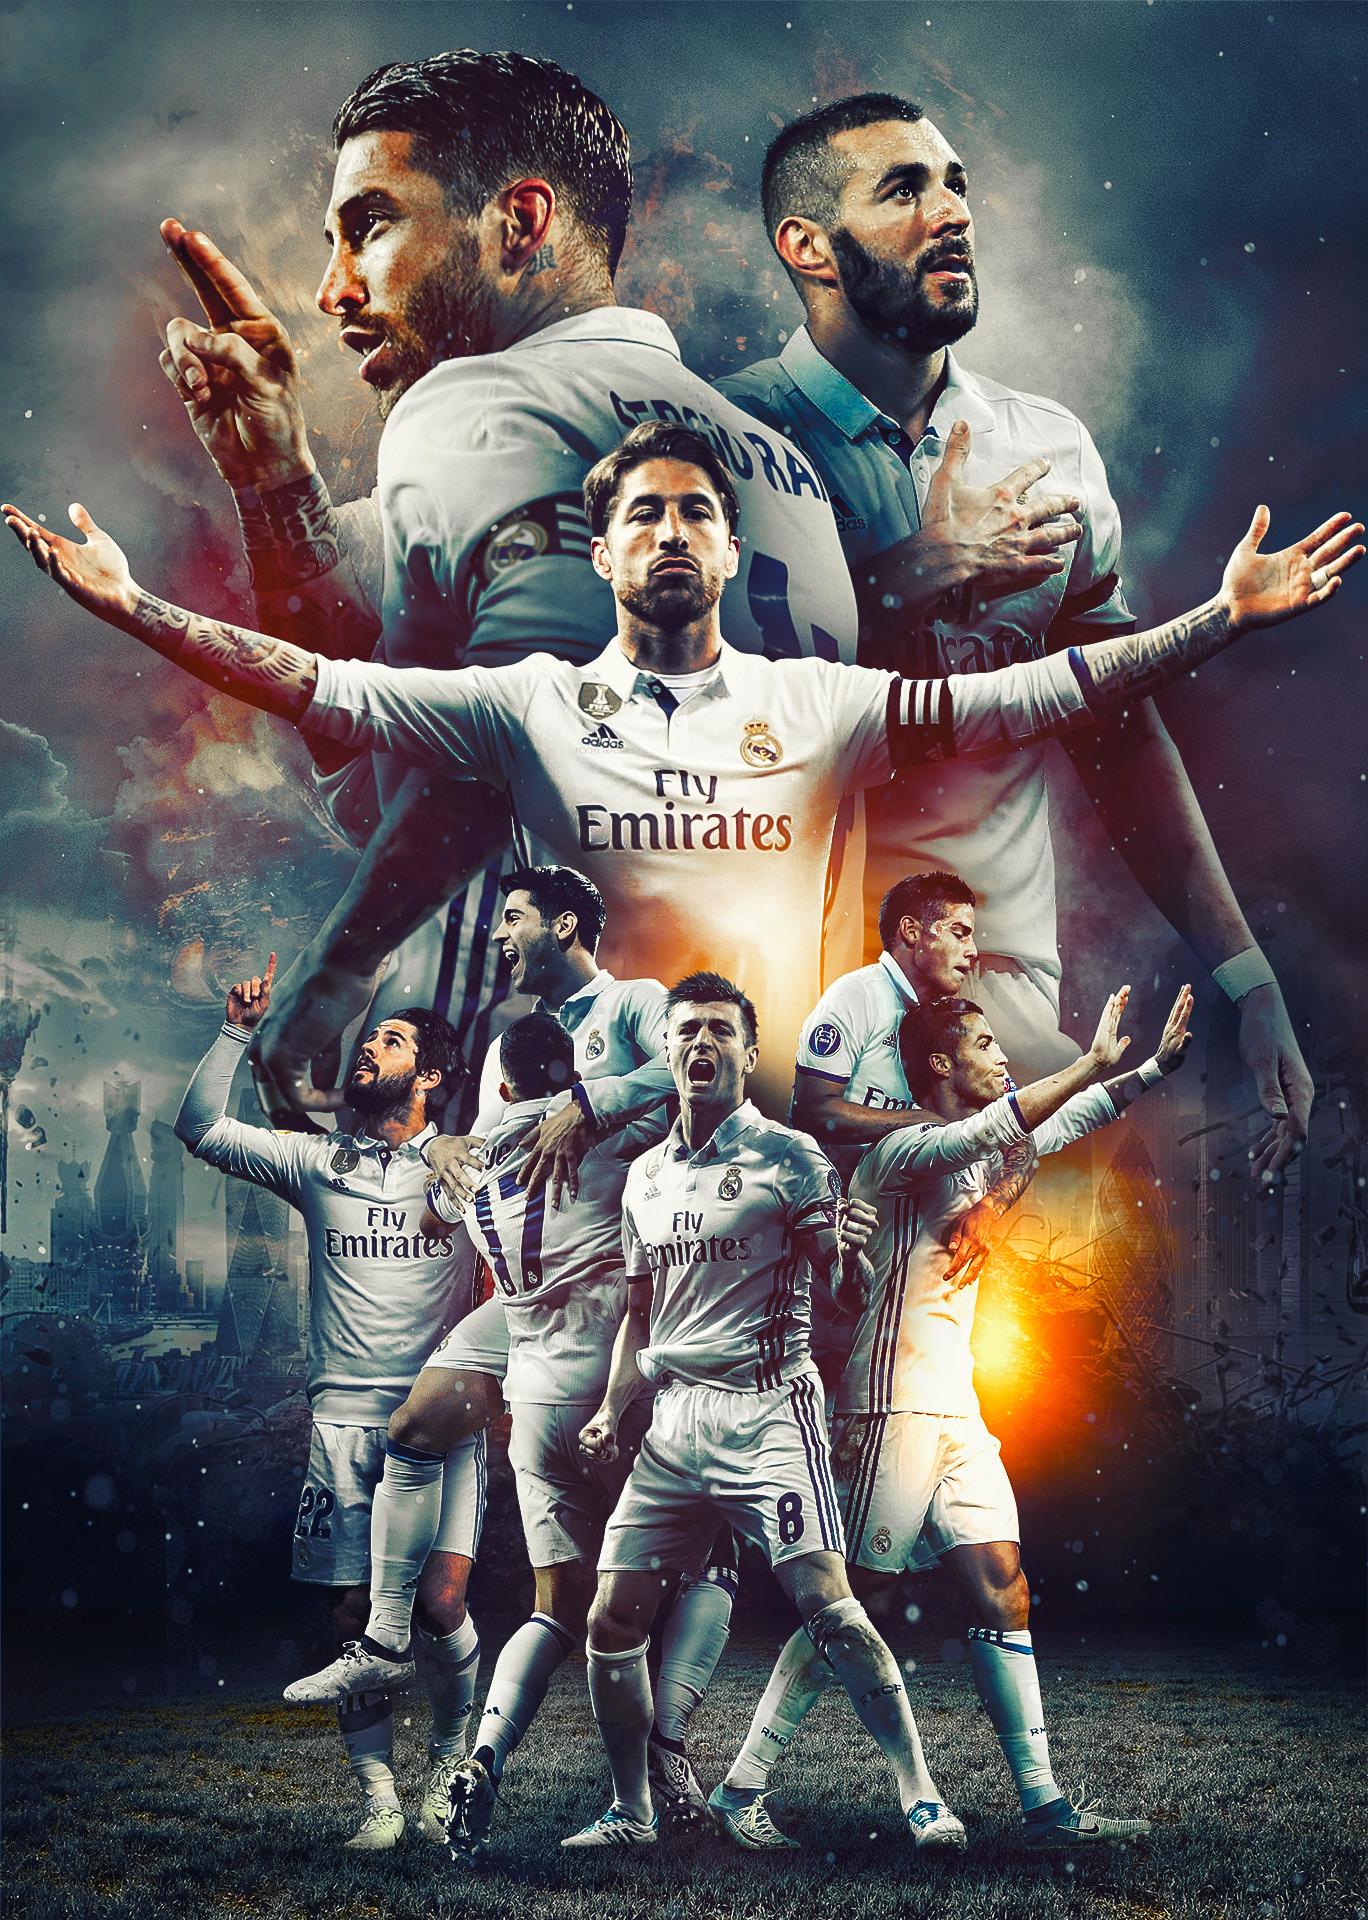 Real Madrid Hd Wallpaper By Kerimov23 On Deviantart